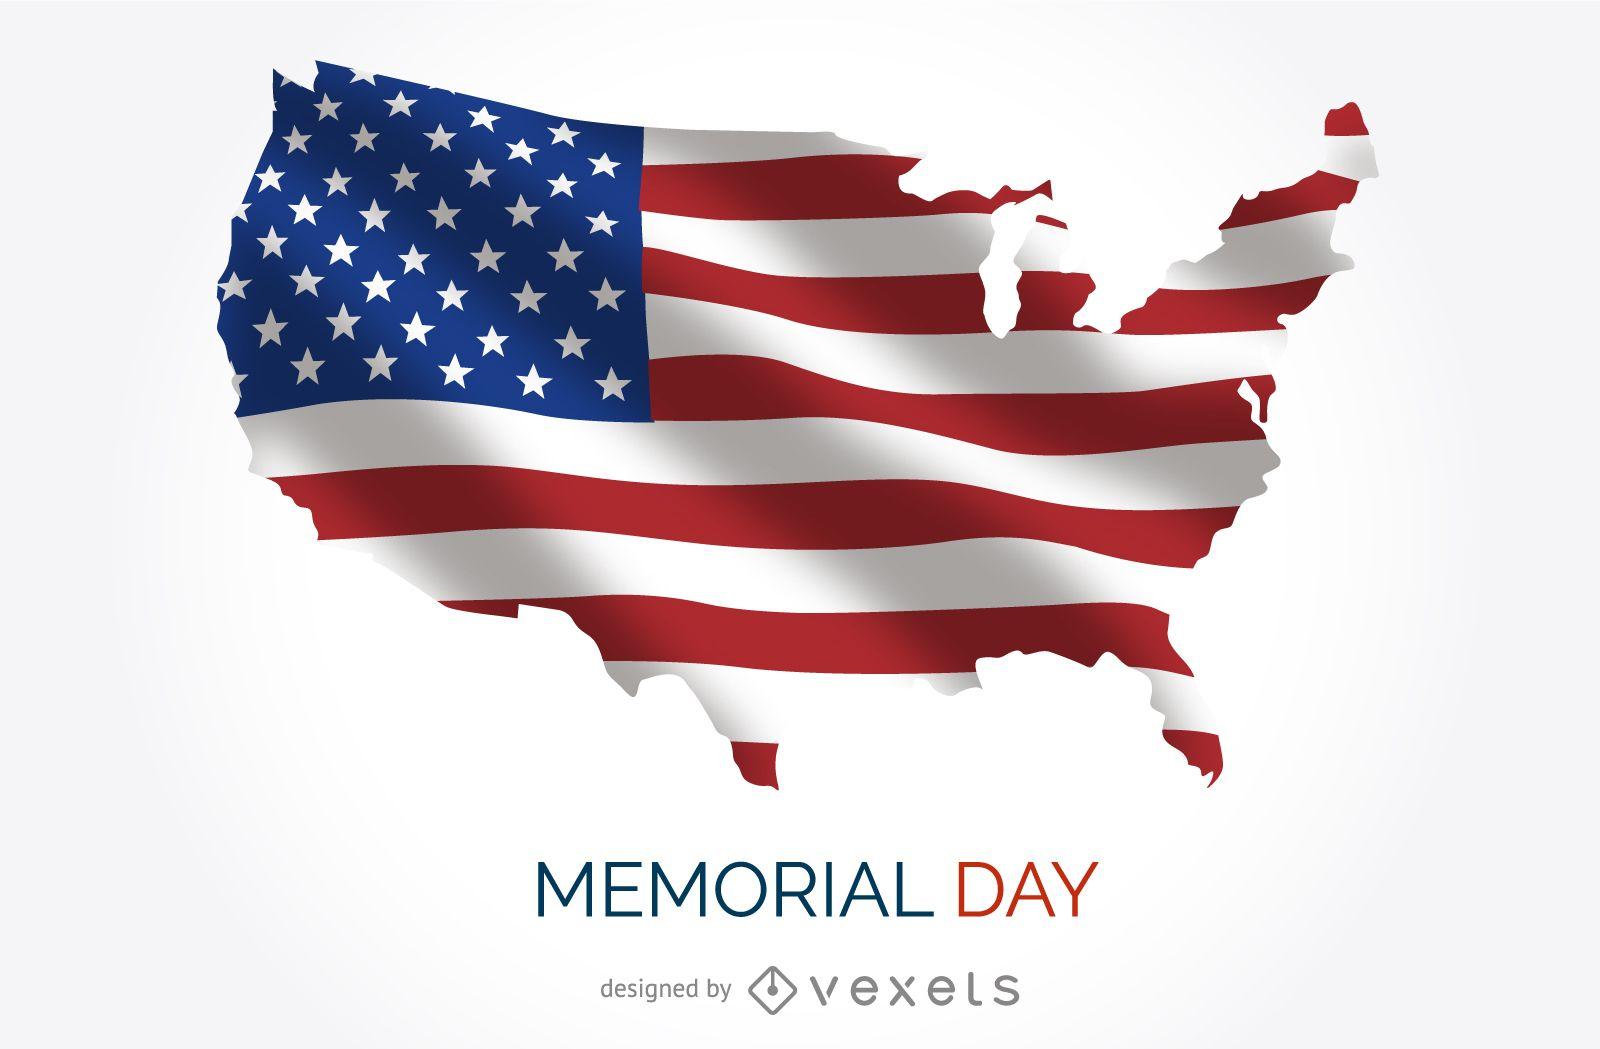 Cartel del Día de los Caídos de Estados Unidos